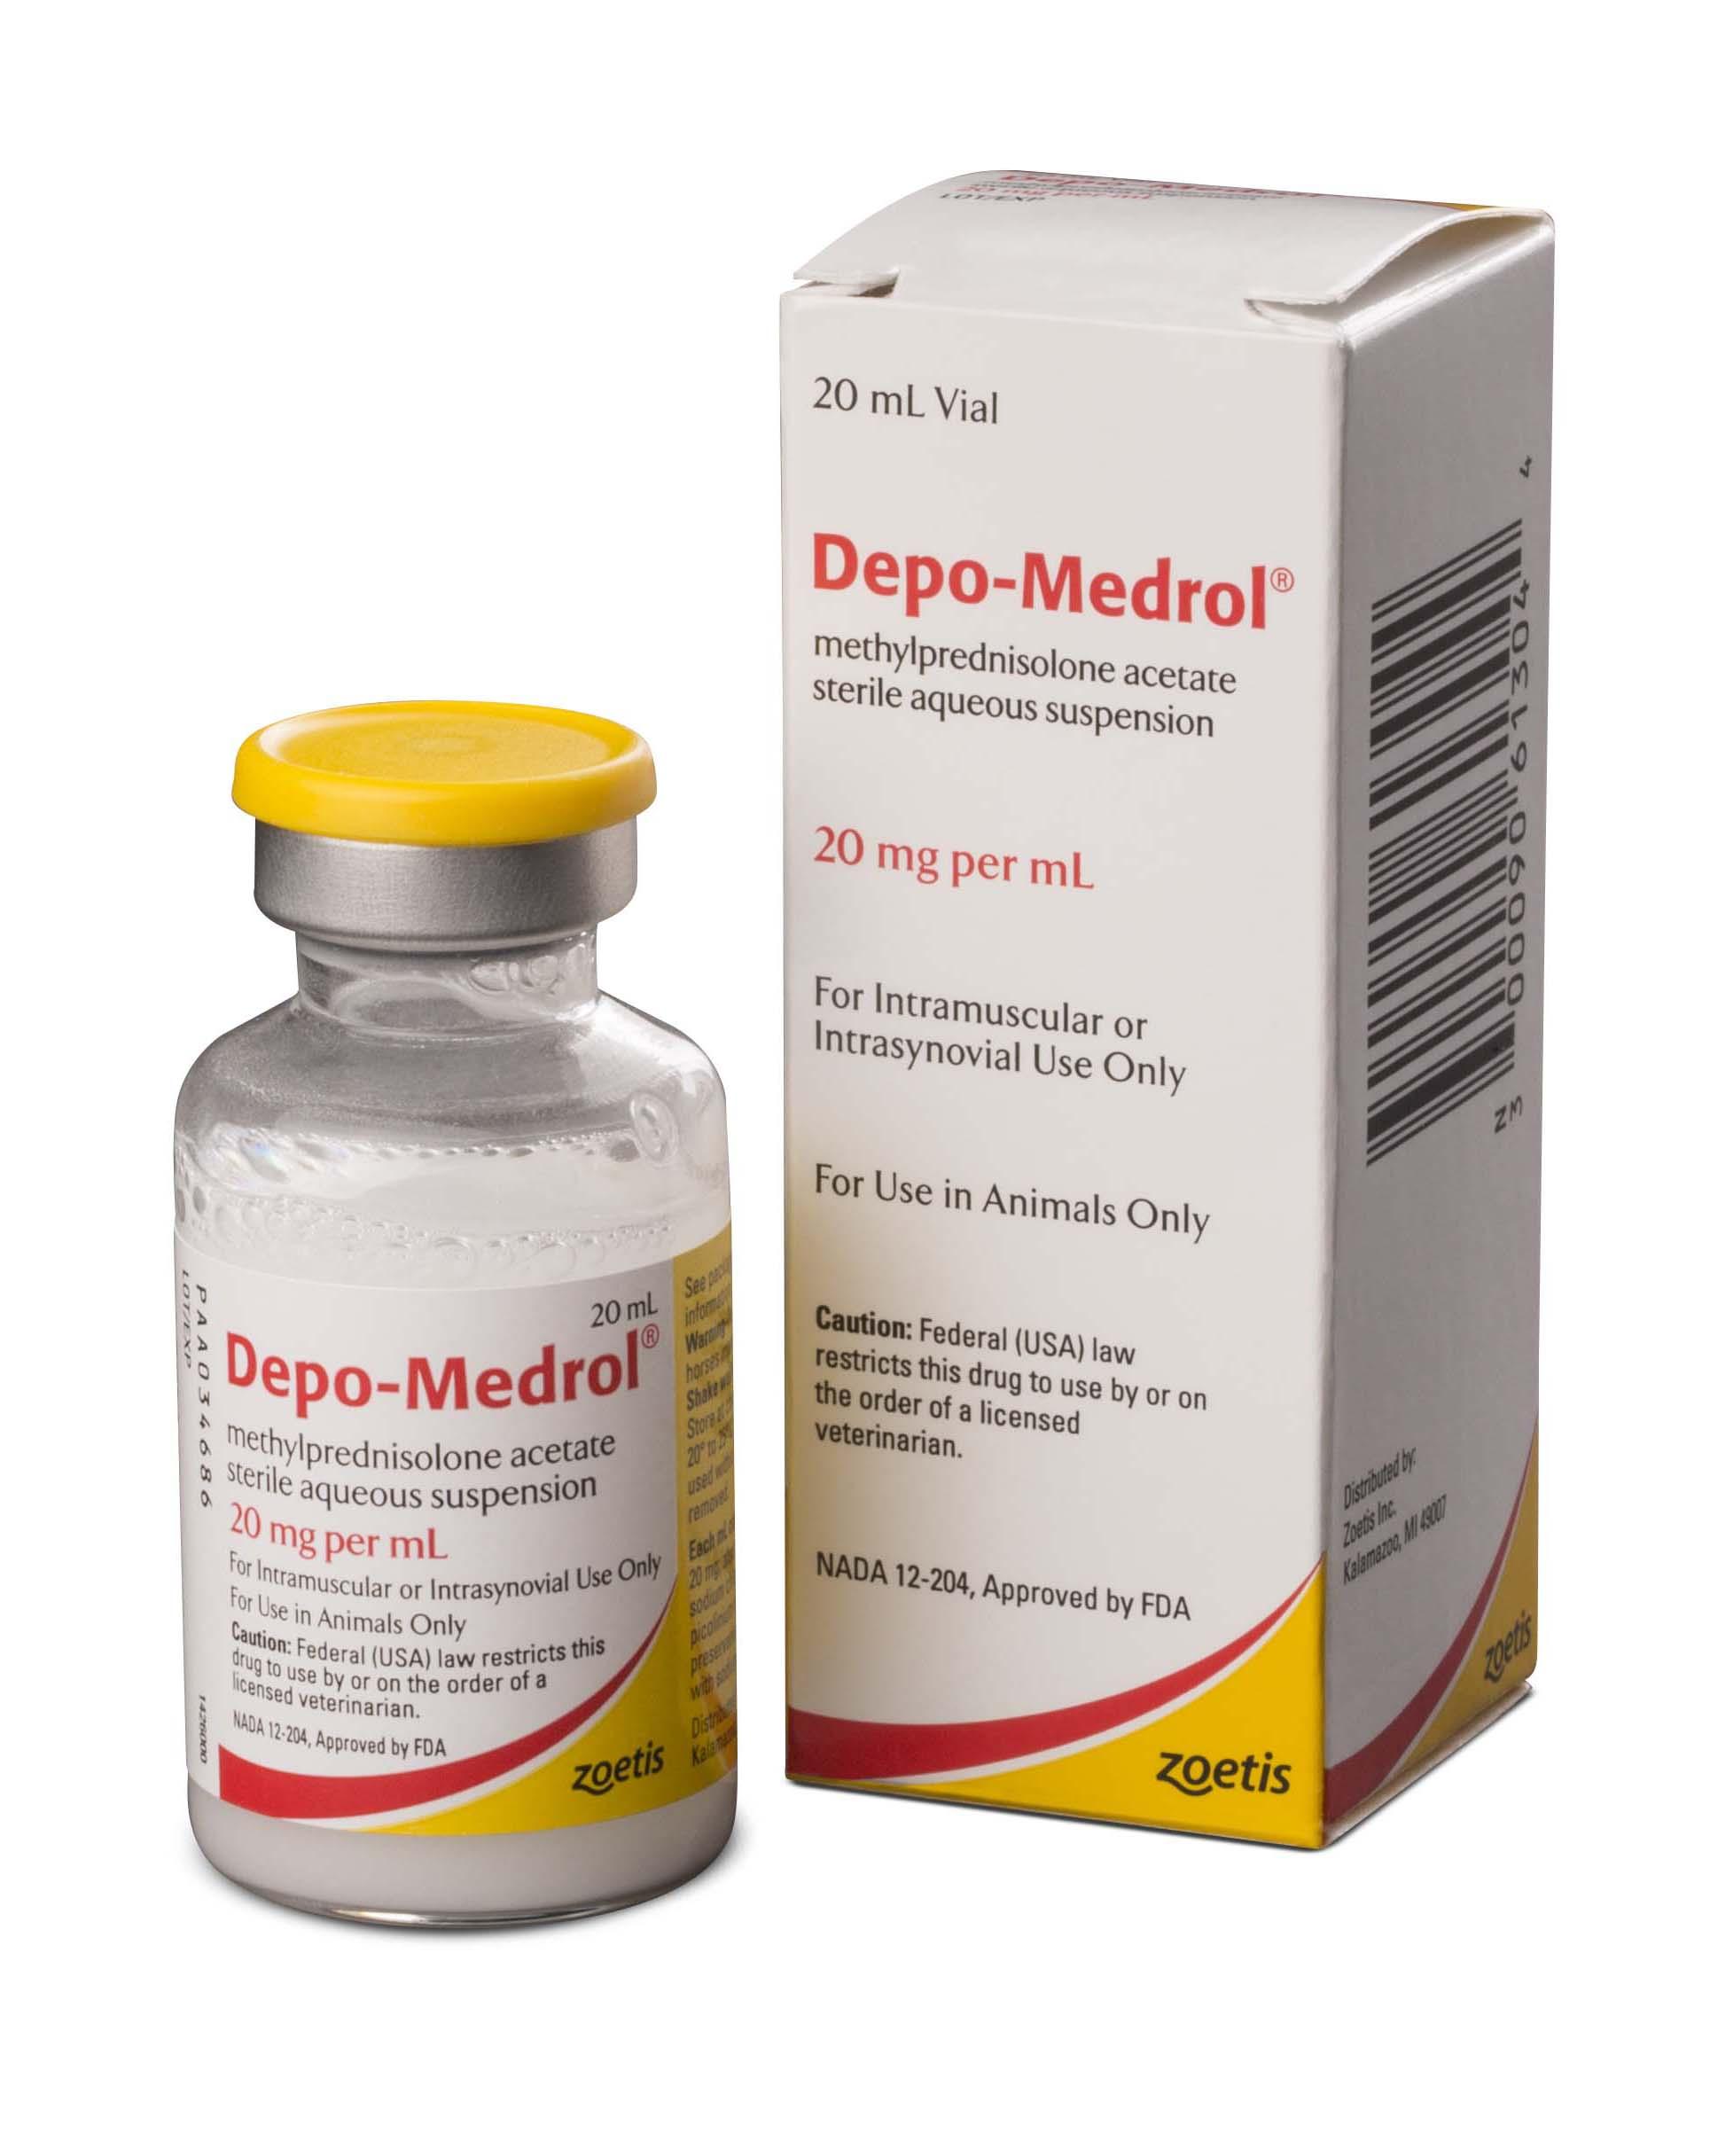 Depo-Medrol 20ml-Vial